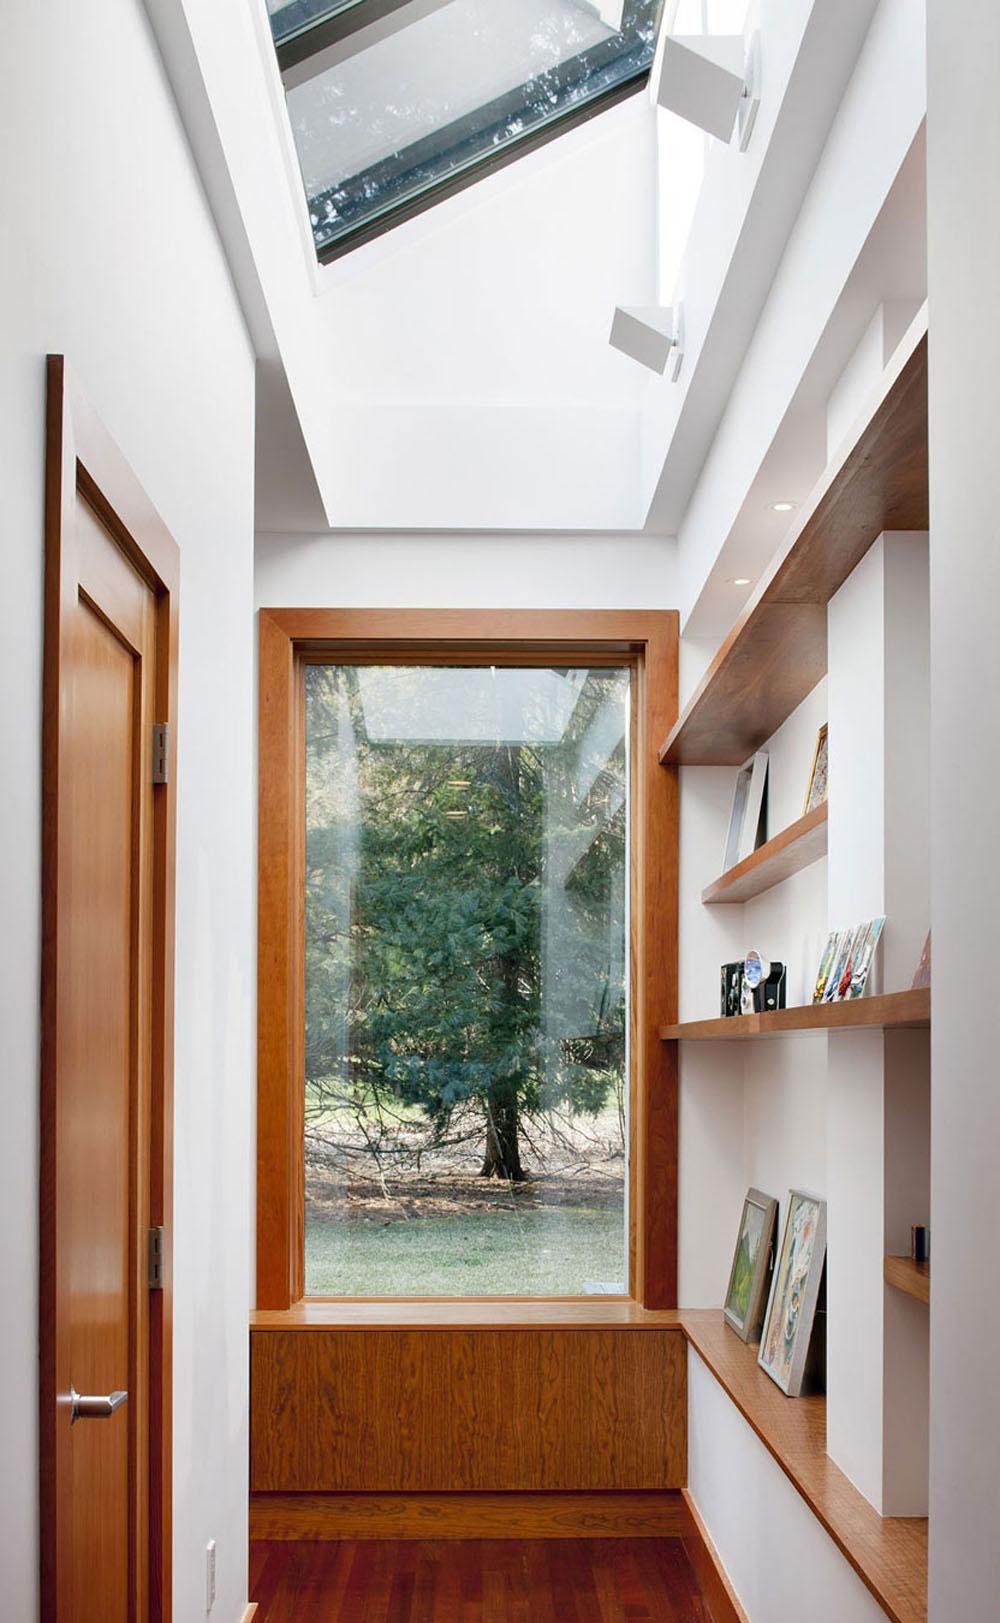 Miljövänligt hem med modern design 12 Miljövänligt hem med modern design